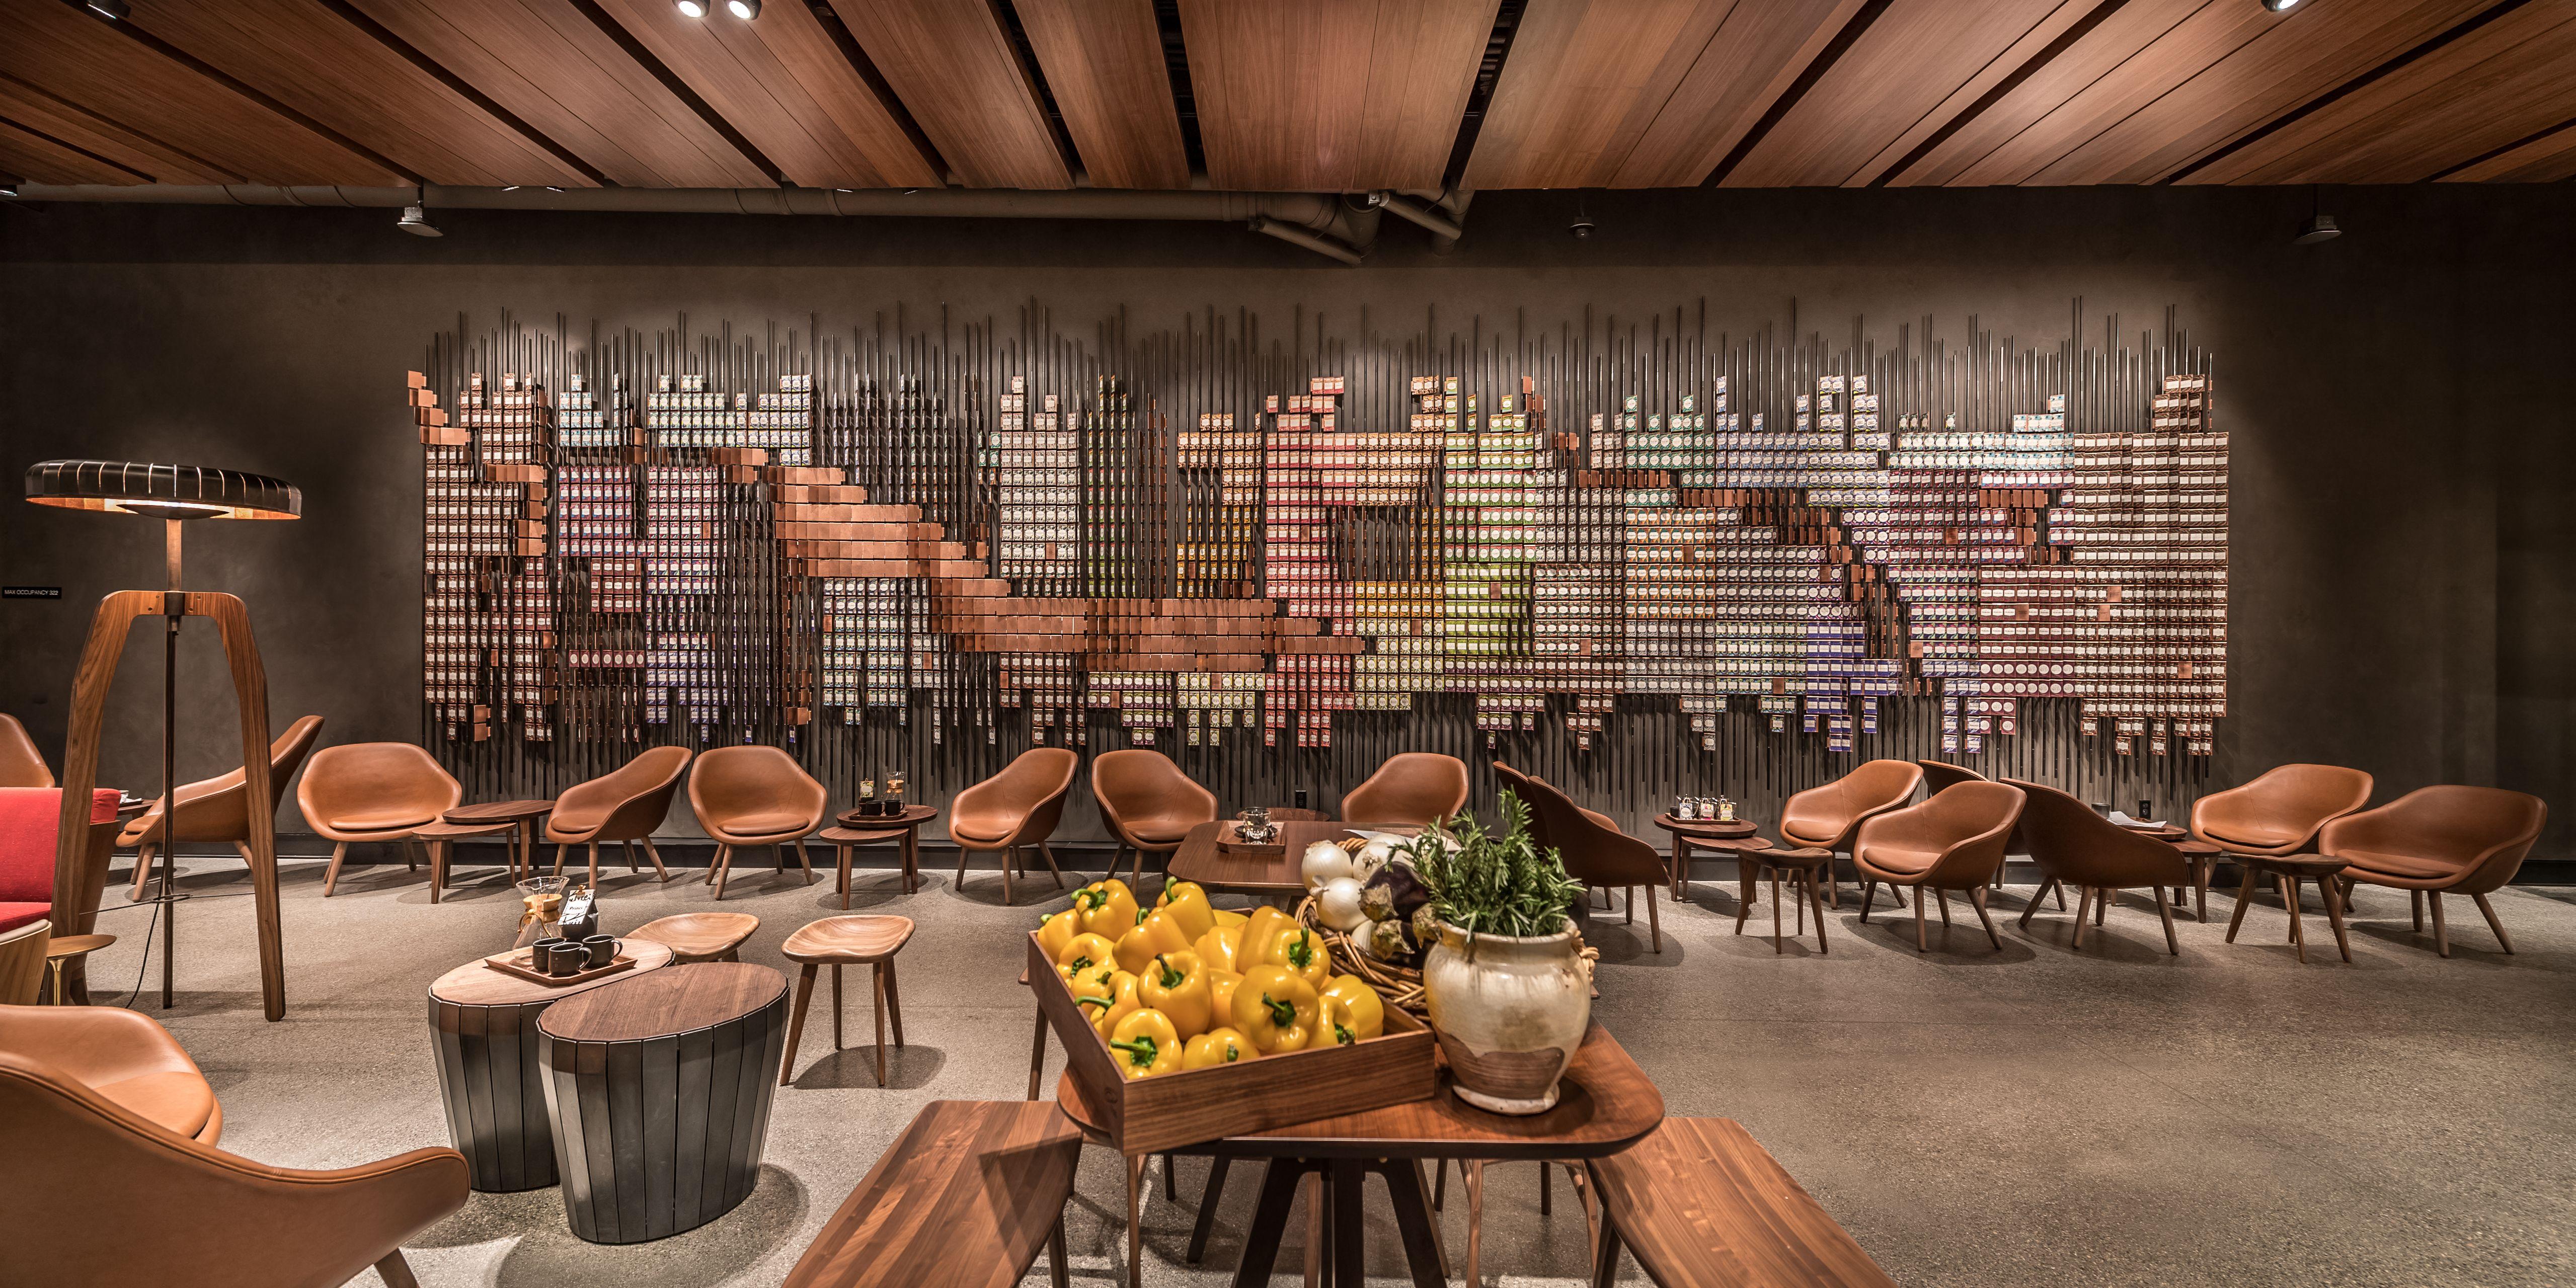 Inside The New Starbucks Reserve Sodo Store In 2019